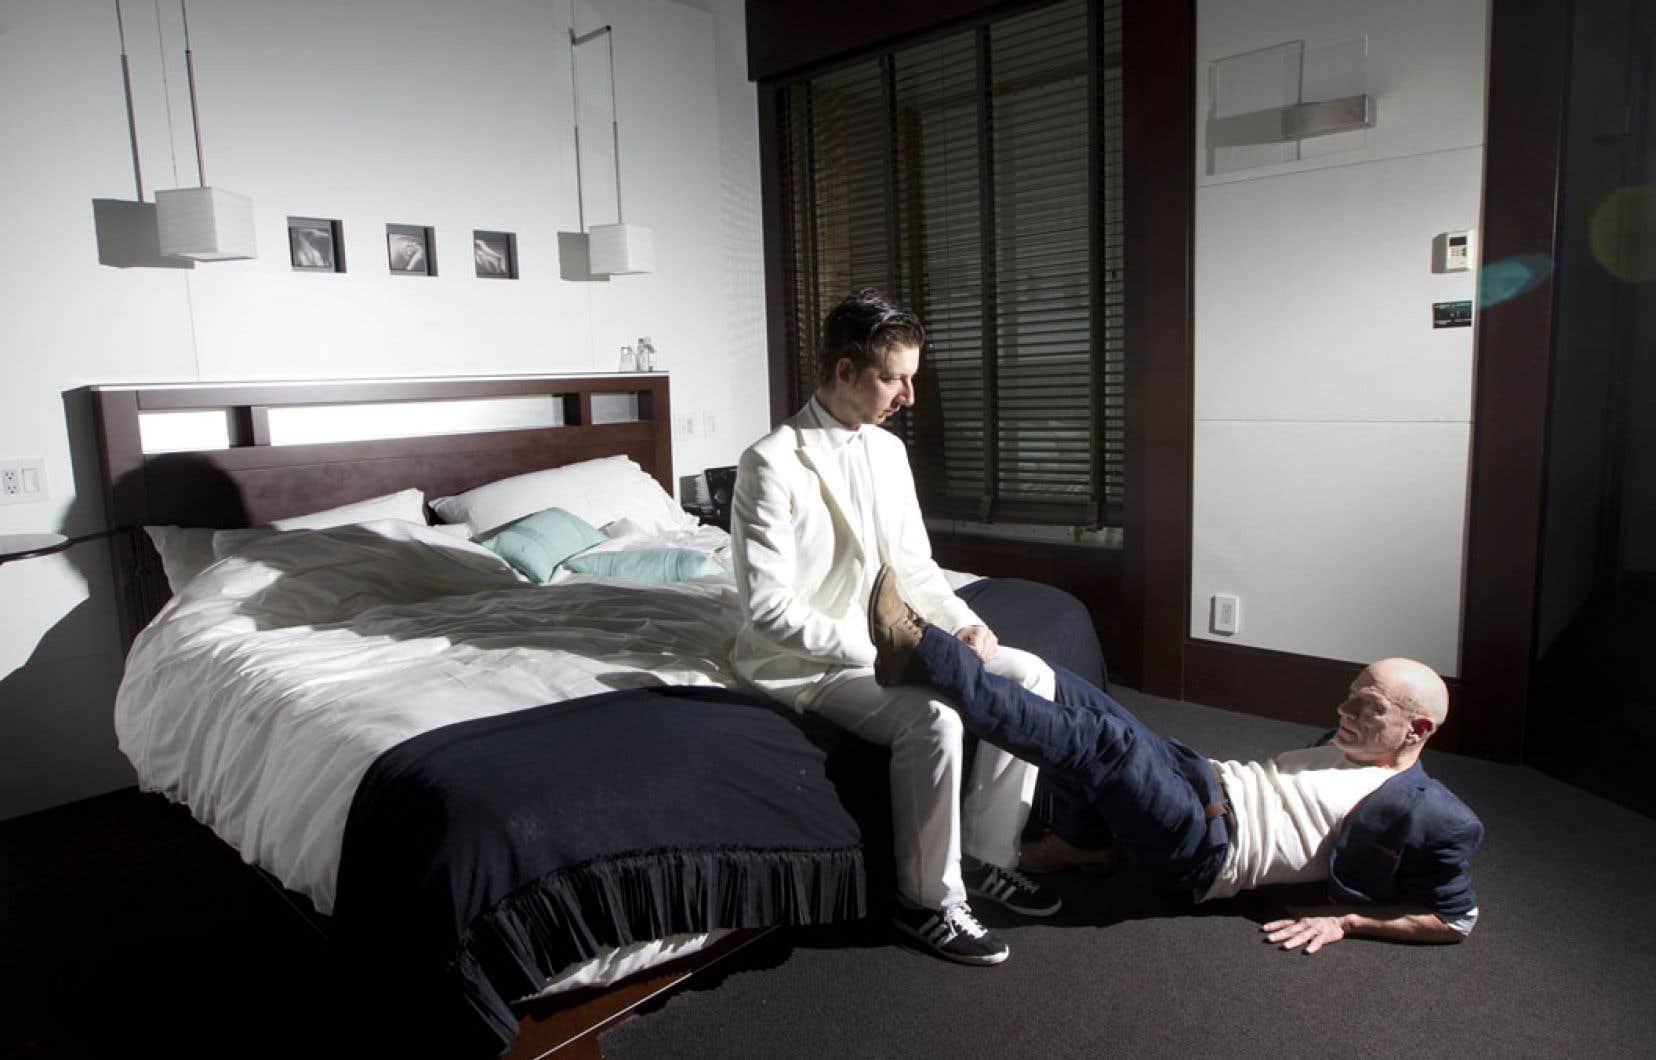 Emmanuel Schwartz et Peter James, en répétition dans la chambre 307, dans une mise en scène de Frédérick Gravel et Catherine Vidal.